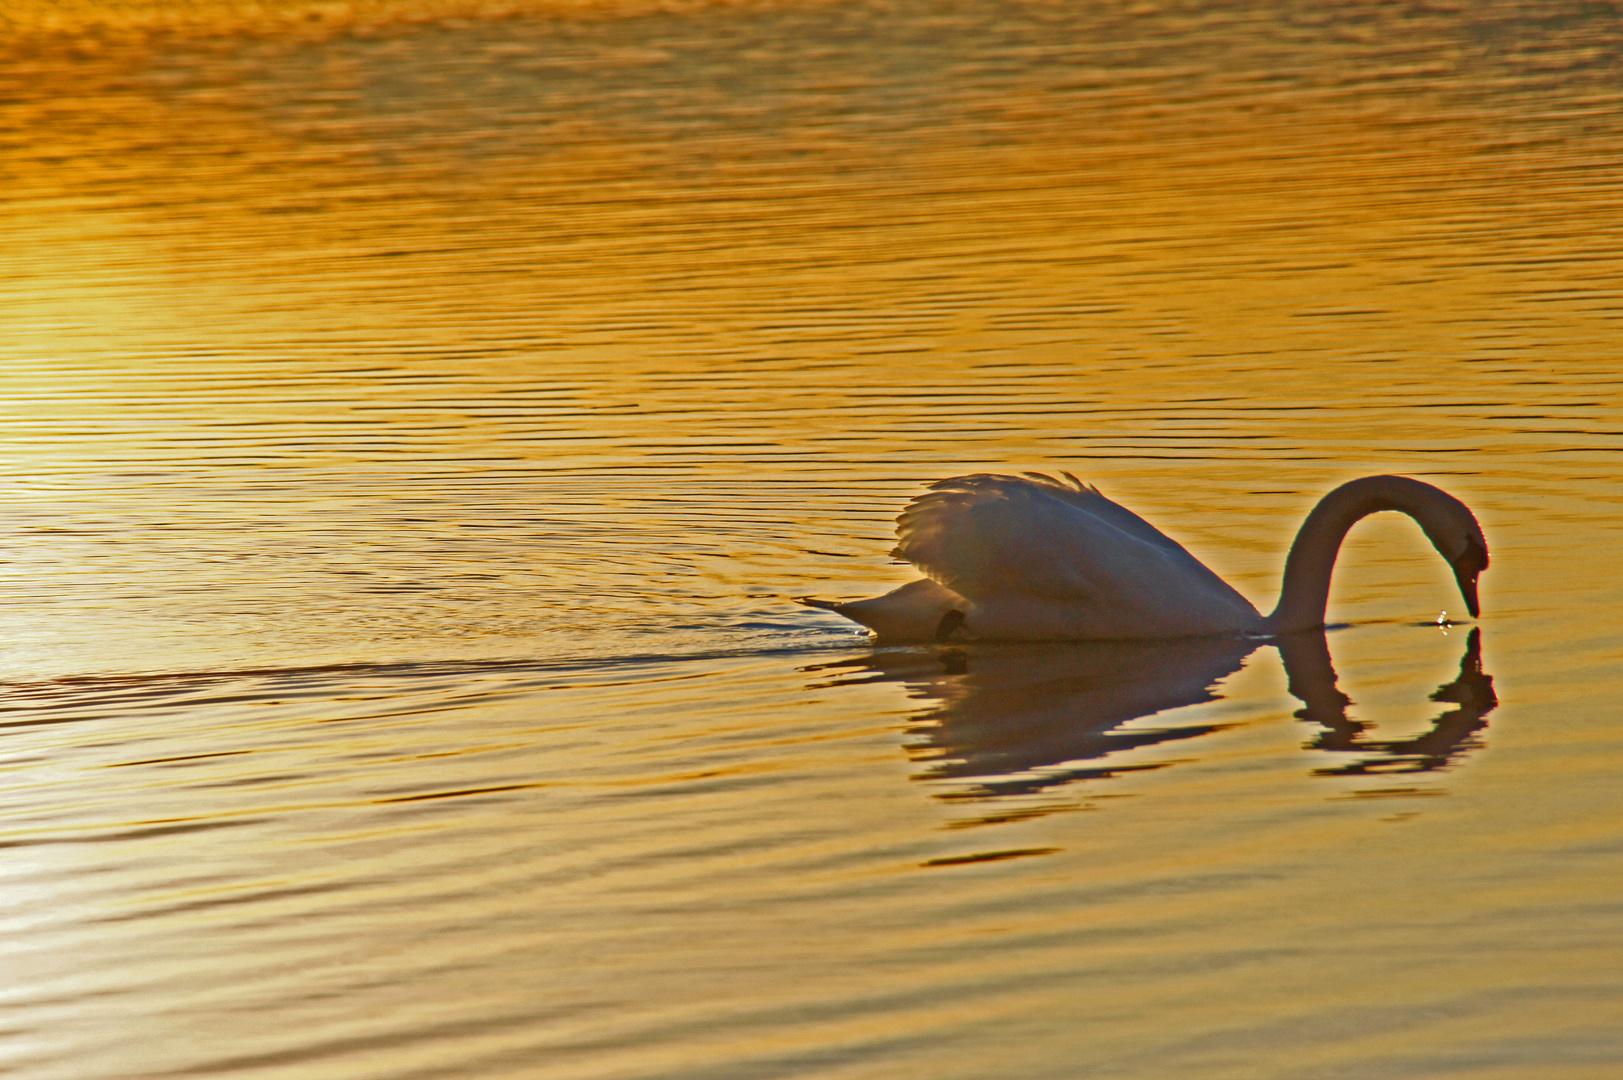 Schwimmen in Gold